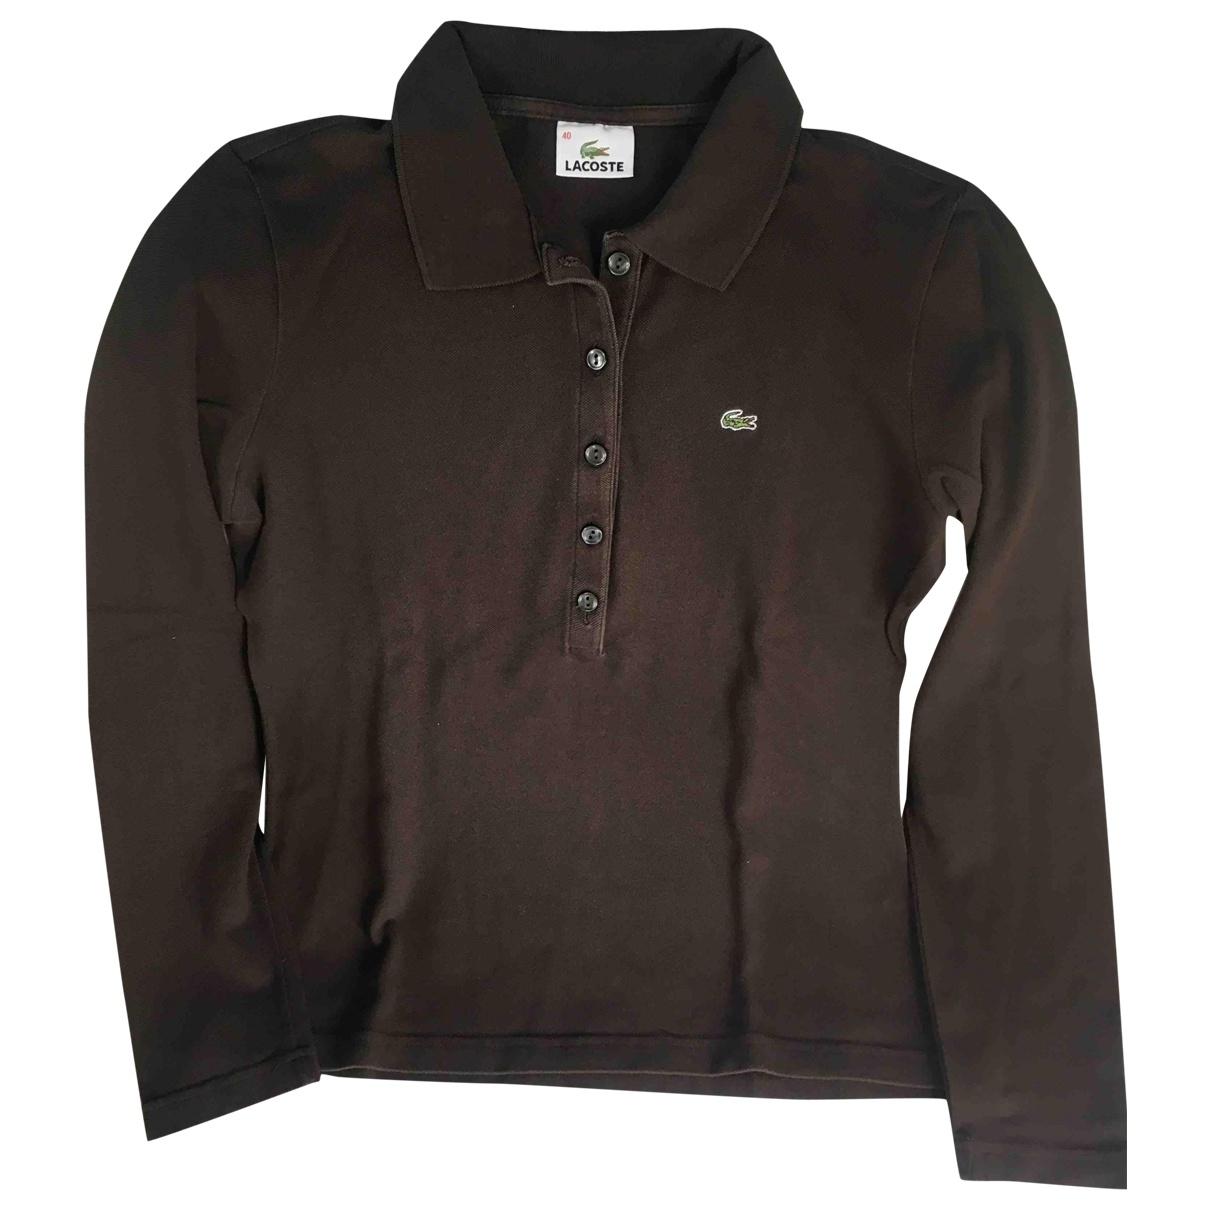 Lacoste - Top   pour femme en coton - marron